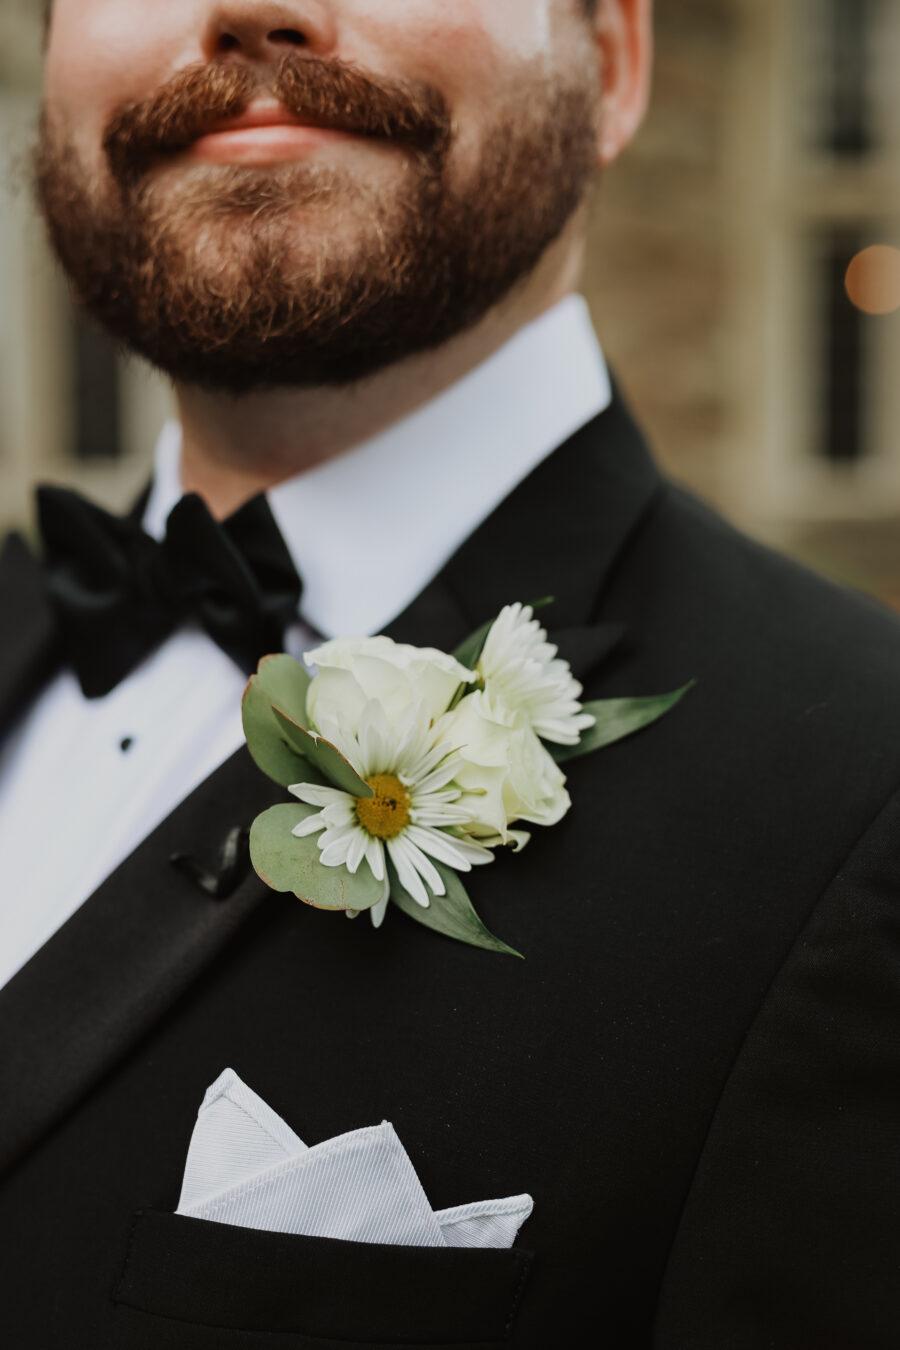 White flower wedding boutonniere   Nashville Bride Guide